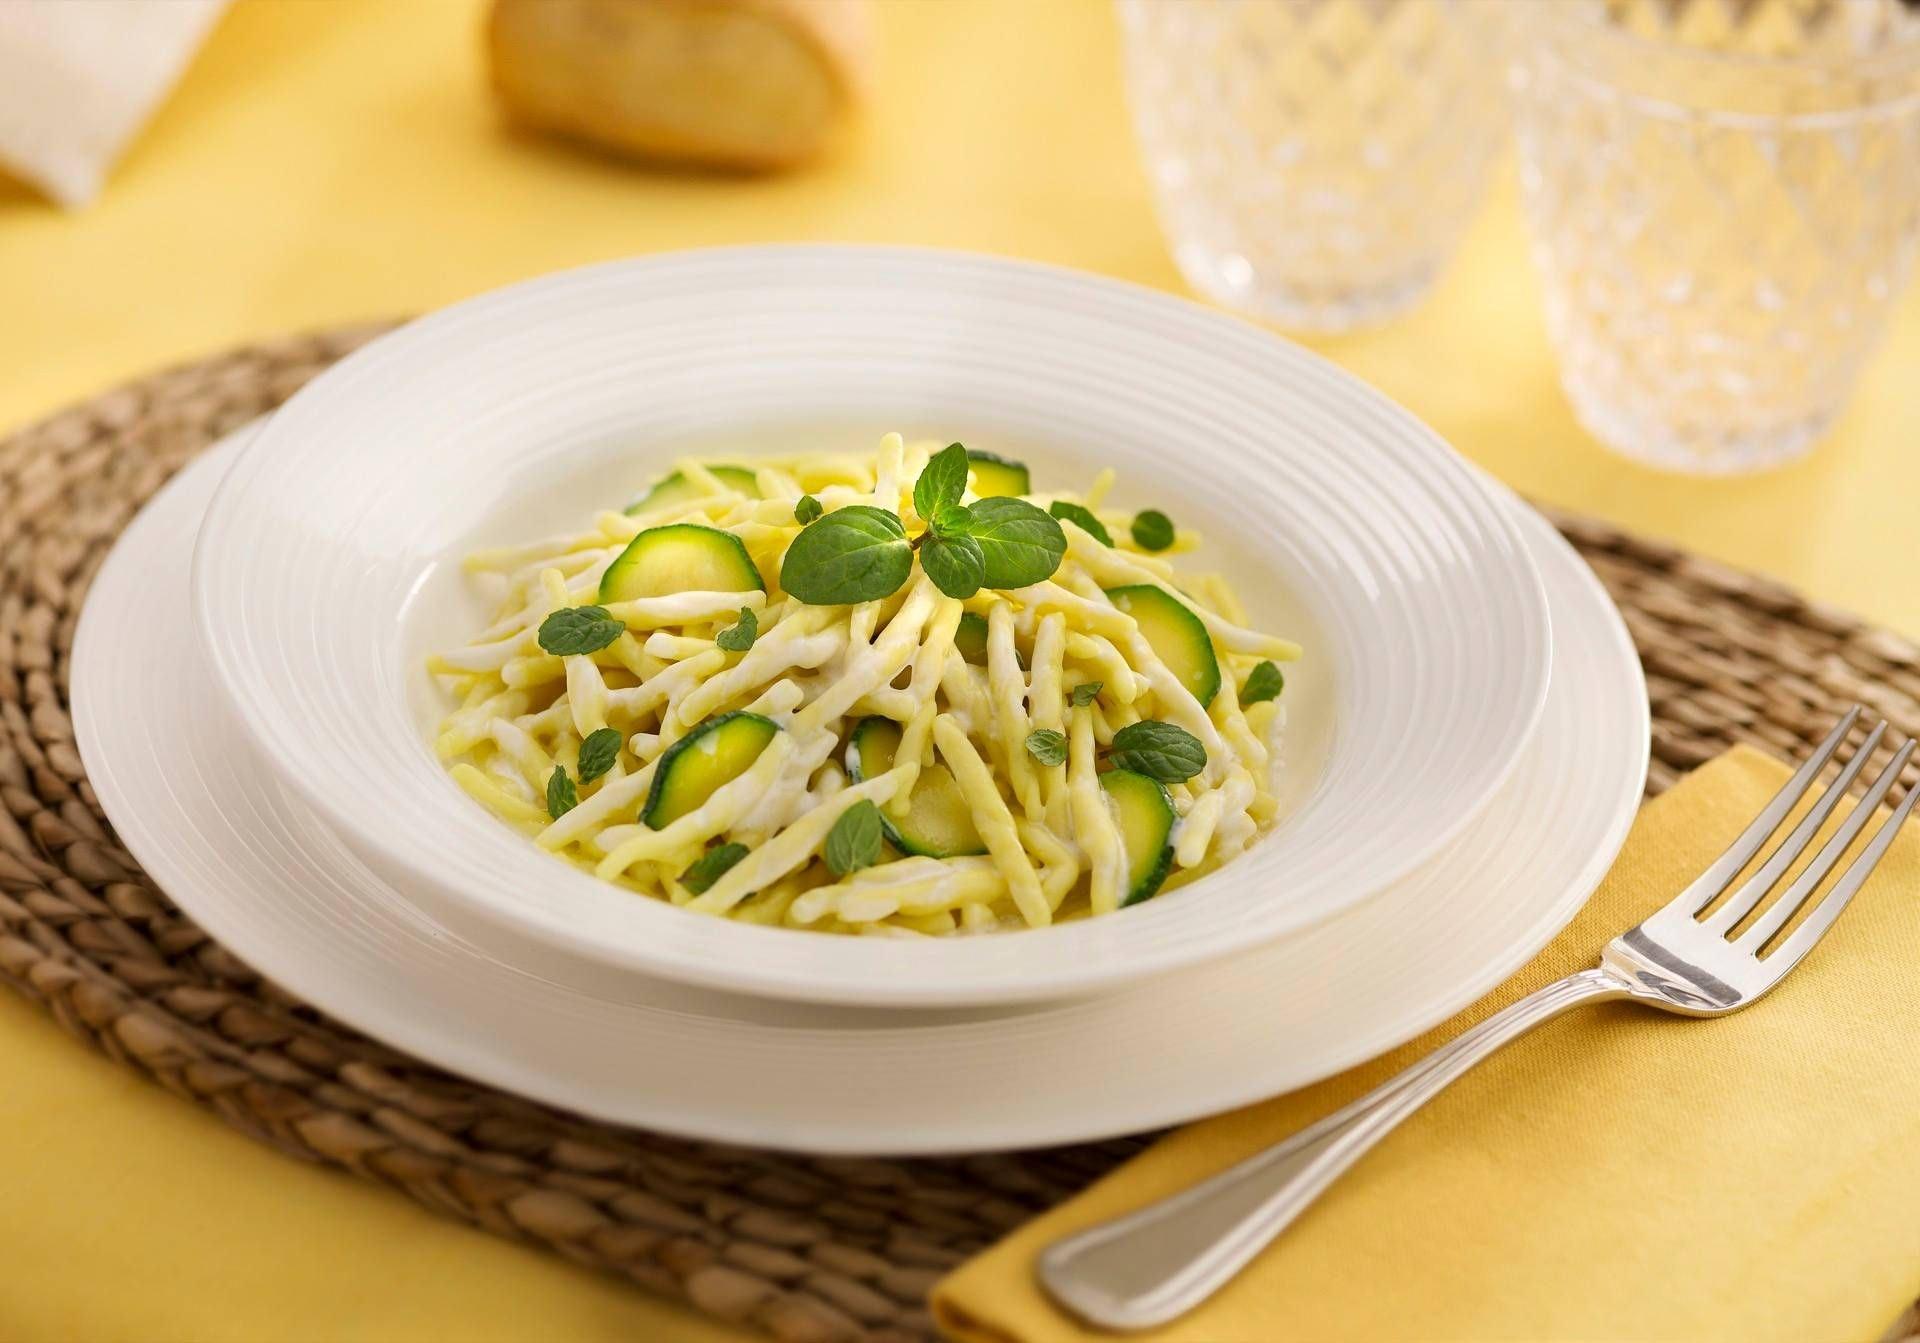 Pasta panna e zucchine - Parmalat